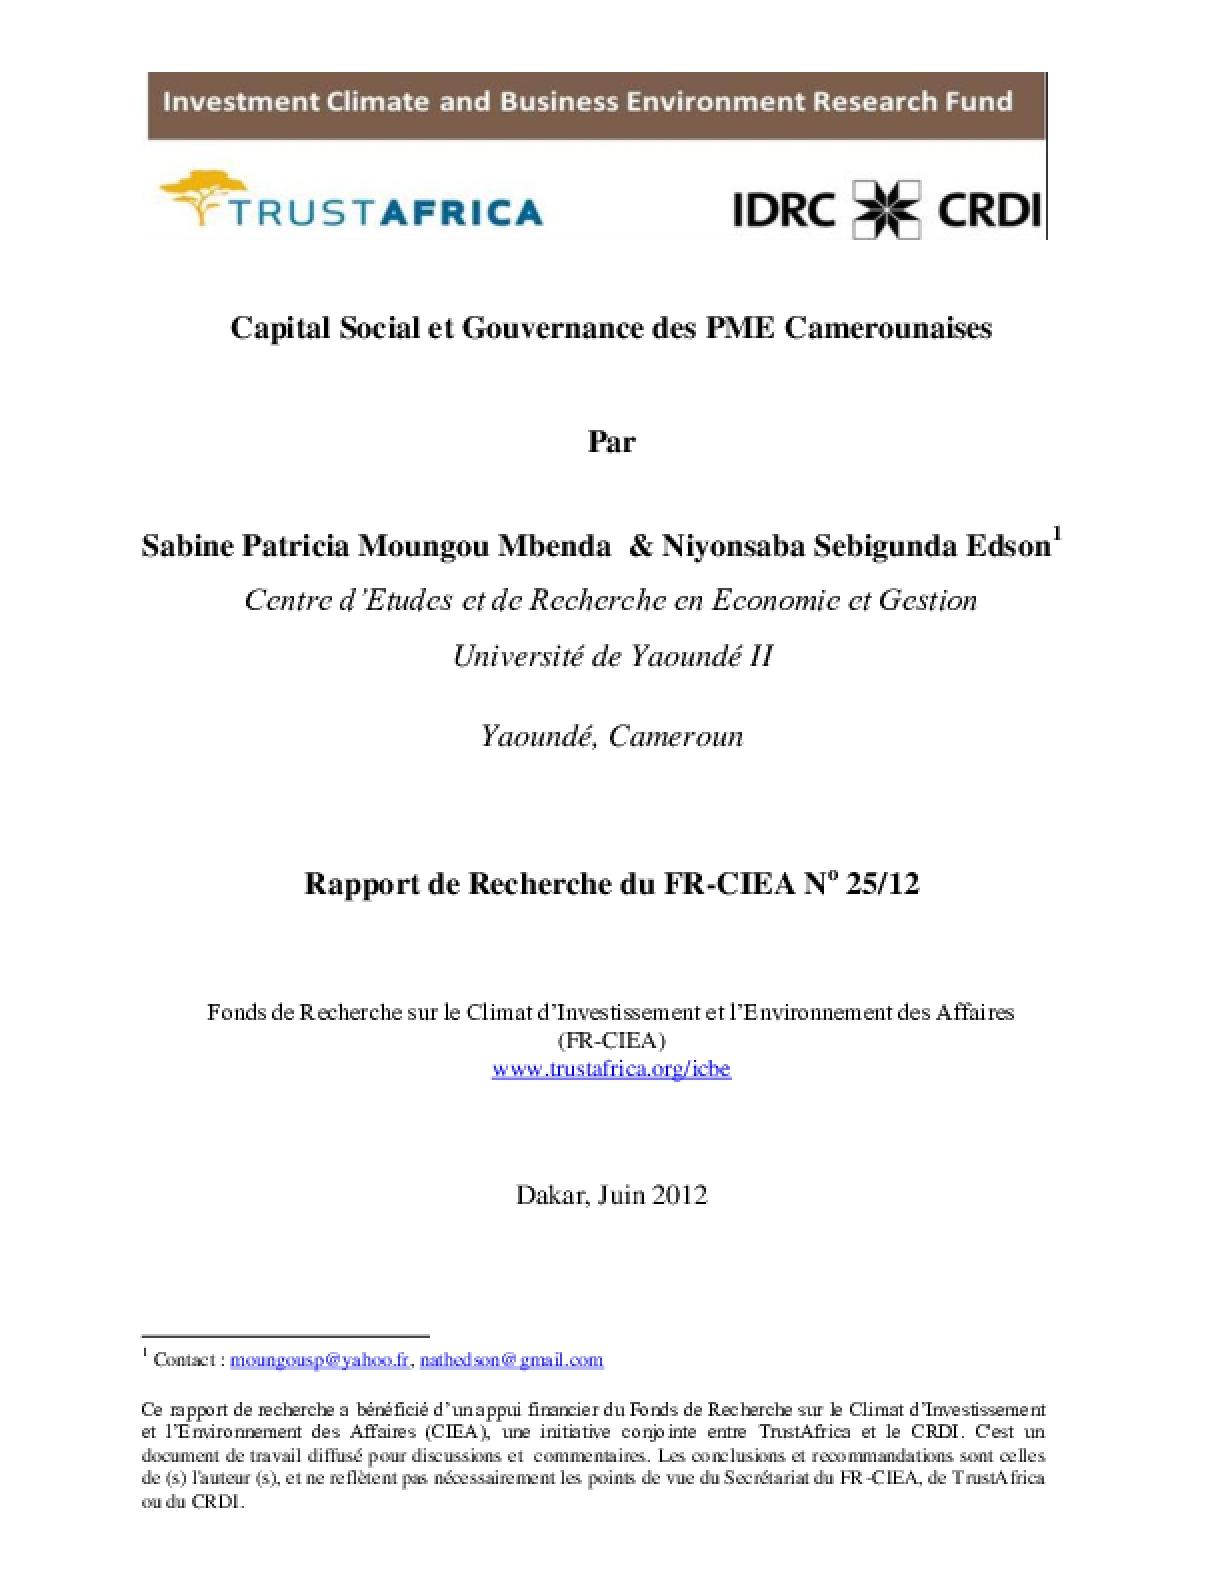 Capital Social et Gouvernance des PME Camerounaises